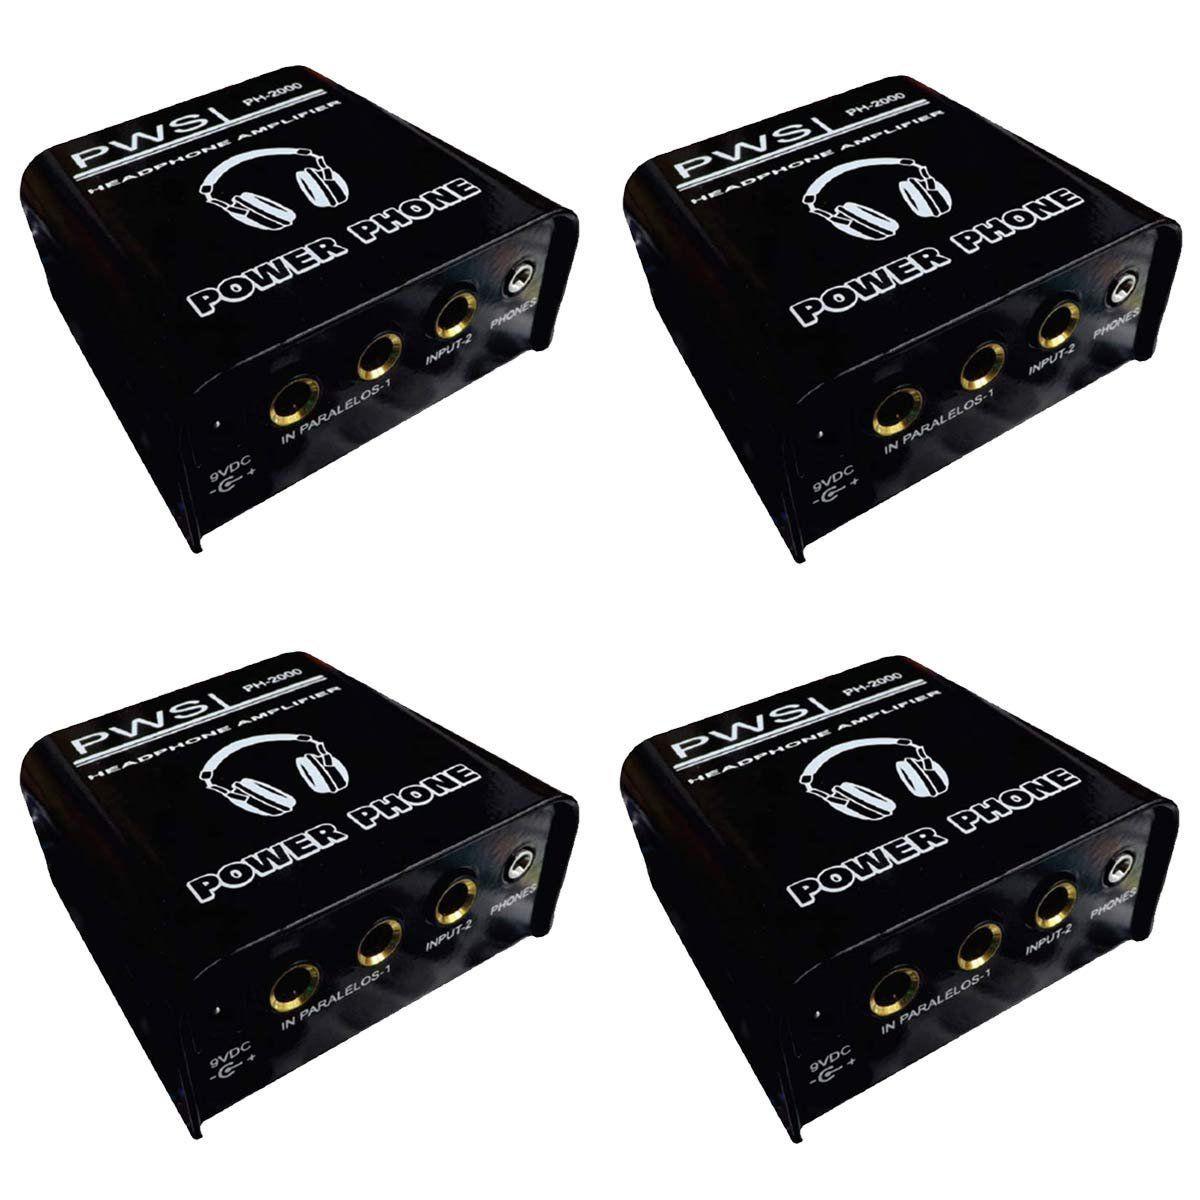 KIT Amplificador de Fone de Ouvido PH-2000 2W 2 Canais PWS (4 UND)